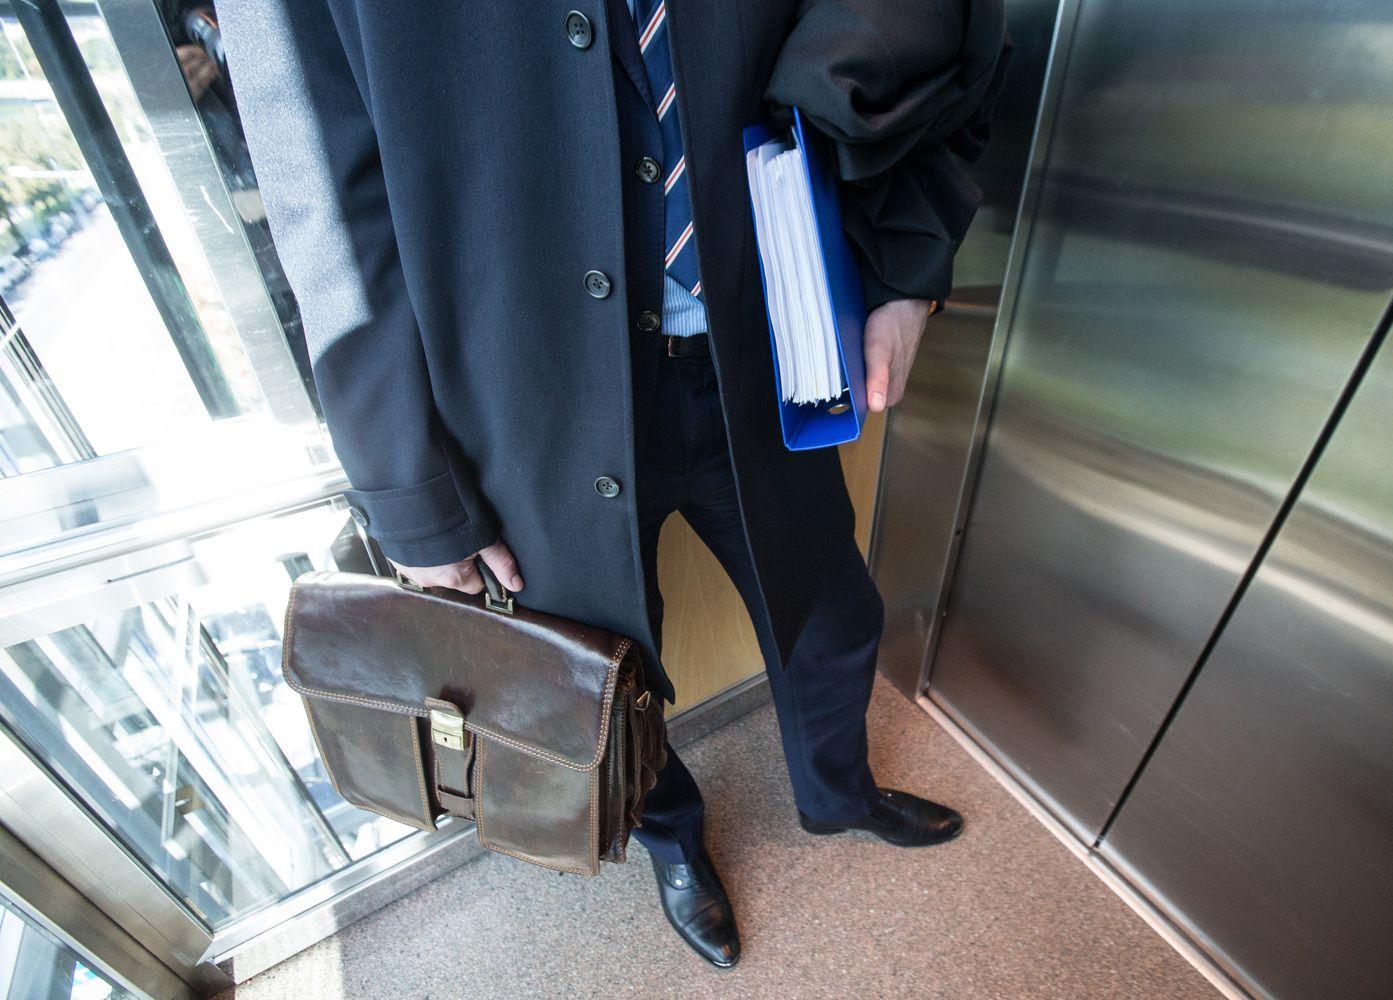 Privatus bankininkas – ne kiekvienam pasiekiama privilegija